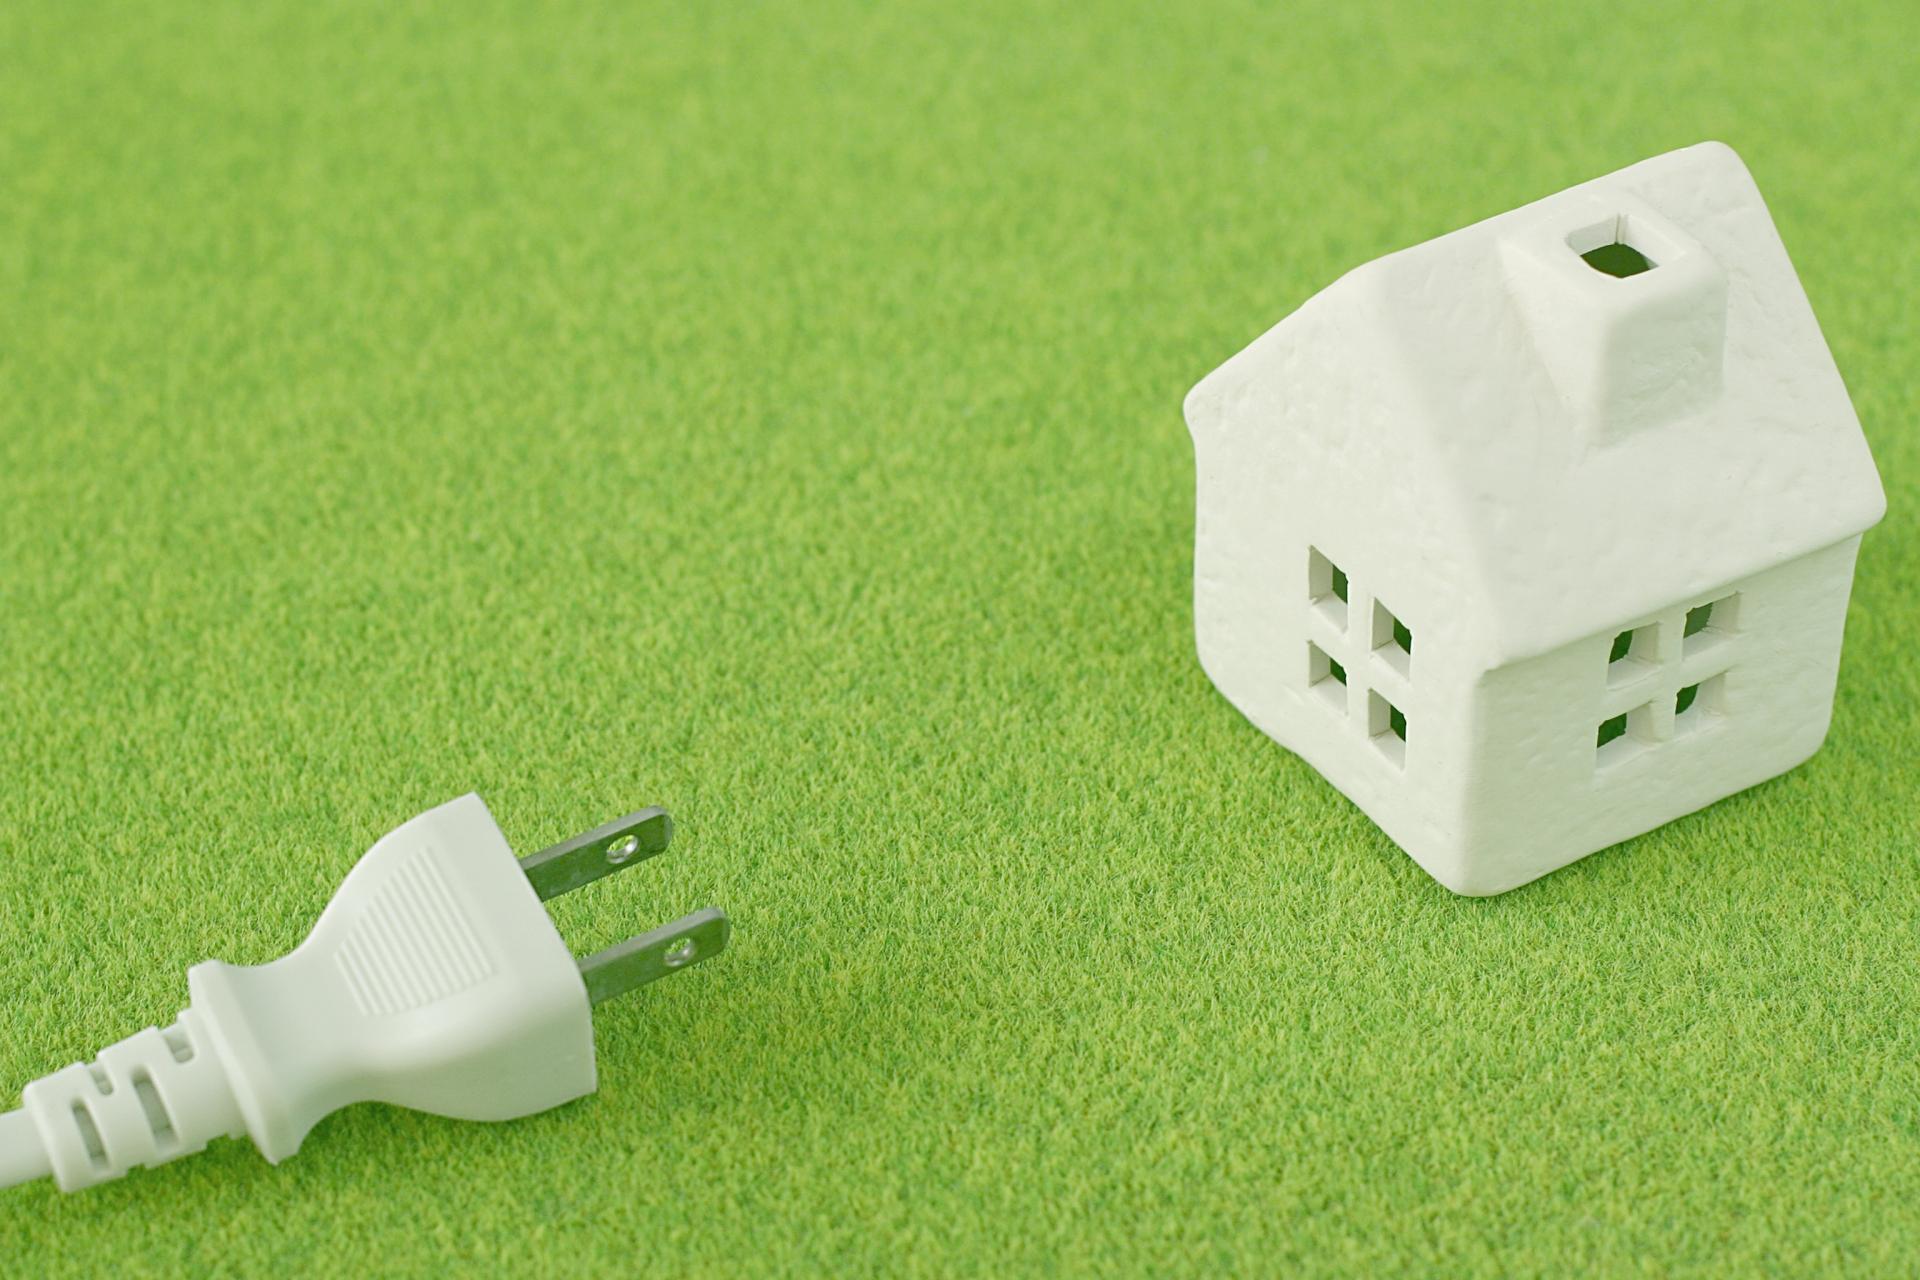 【高配当株】[9503]関西電力が高配当に!問題が起こった時こそ買い時が来る。